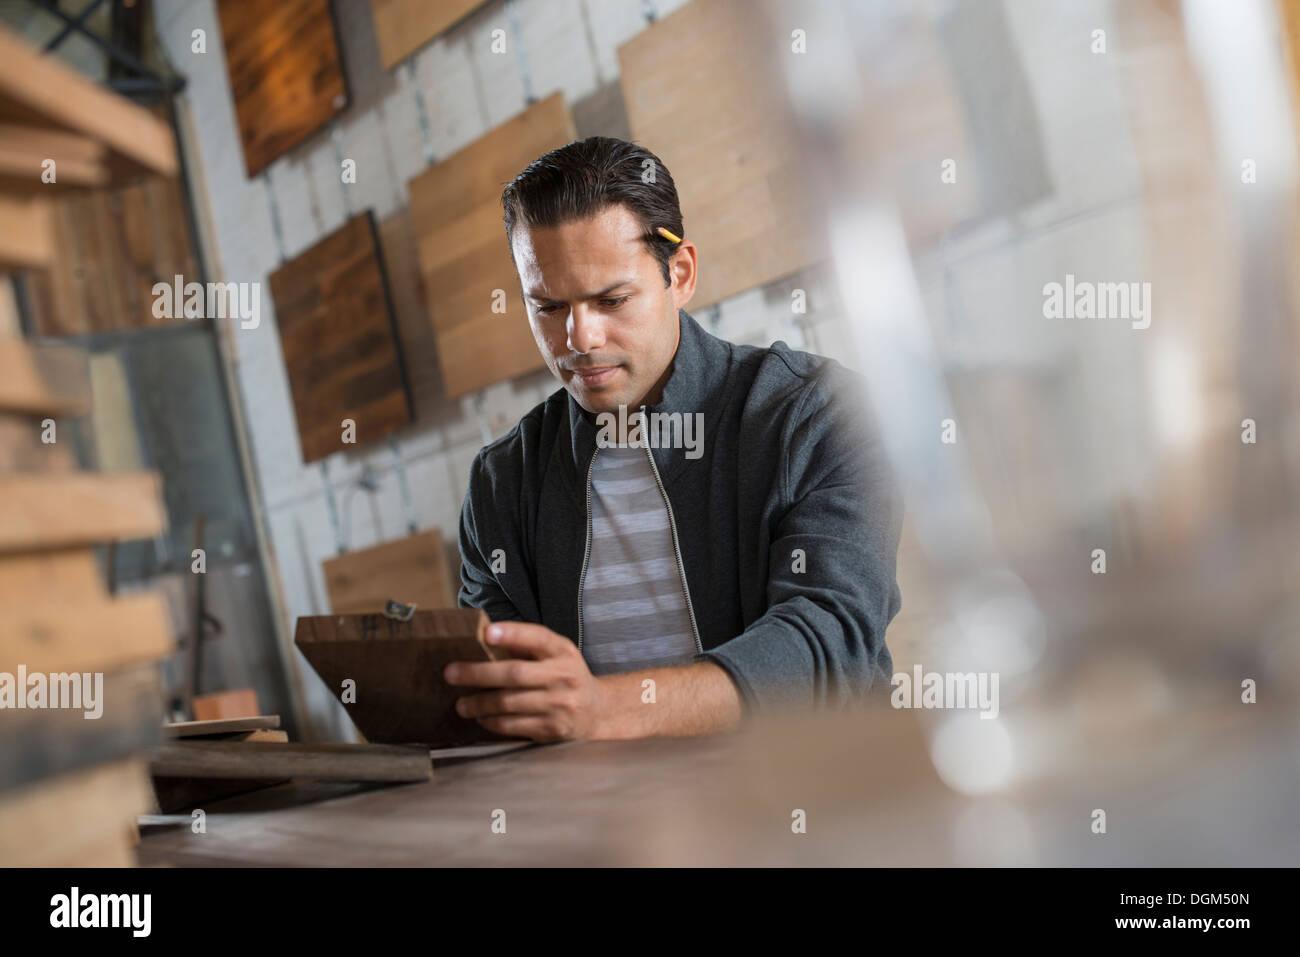 Un giovane uomo in un laboratorio che utilizza materiali riciclati e rigenerati legname a creare mobili e oggetti. Immagini Stock